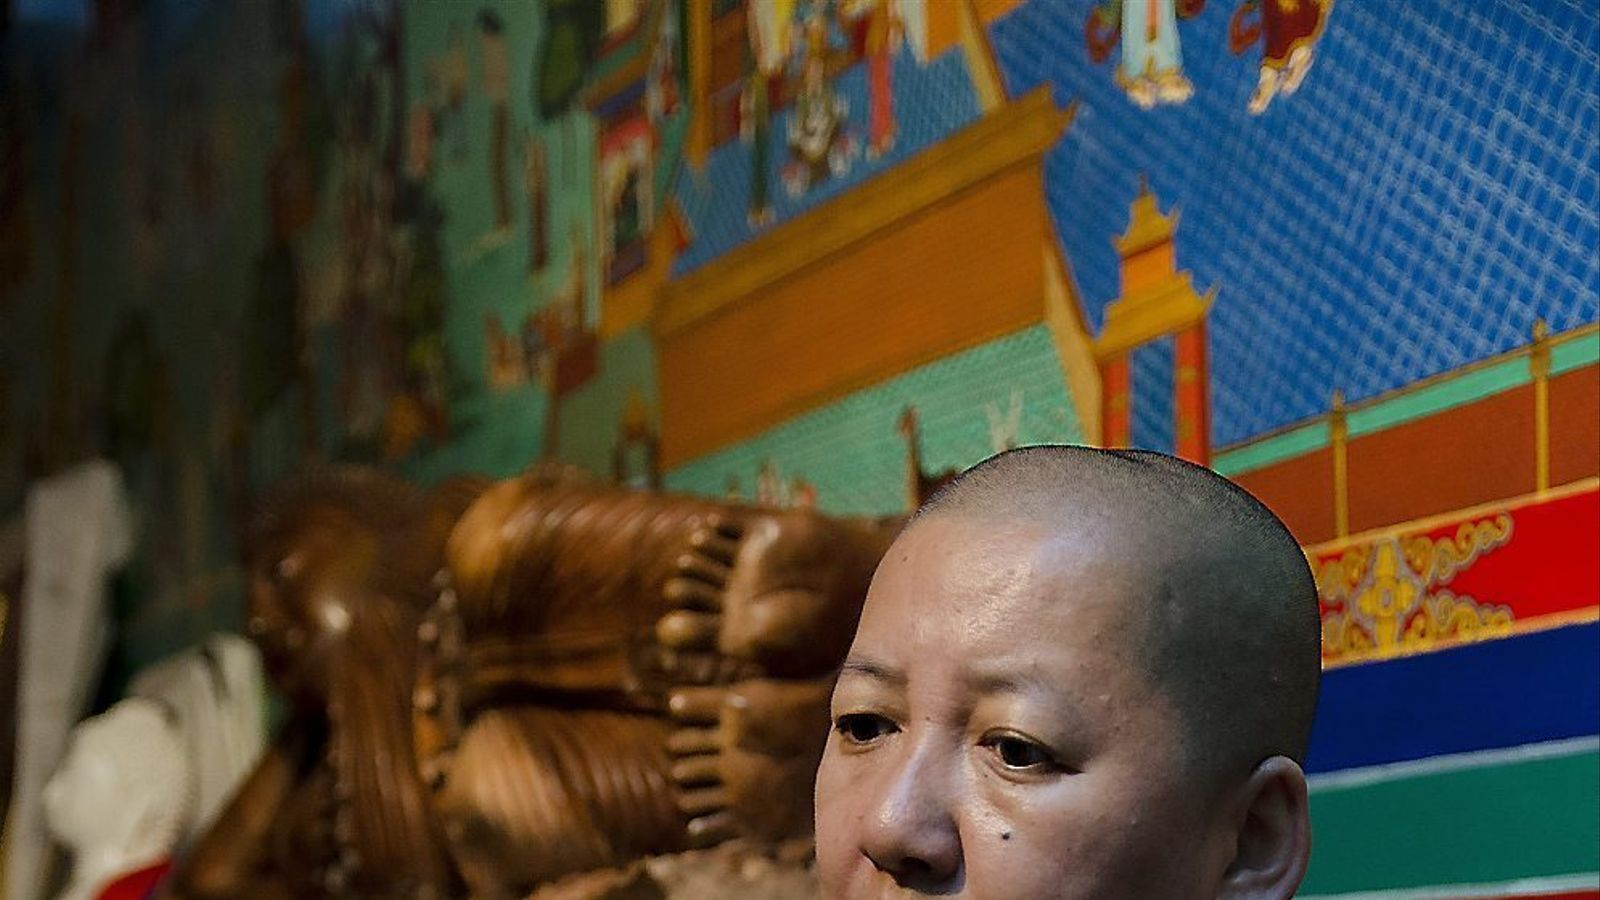 Khandro Rinpoche va ser a Barcelona convidada per la Casa del Tibet per impartir una conferència titulada Ètica i felicitat. / LAURA GÓMEZ